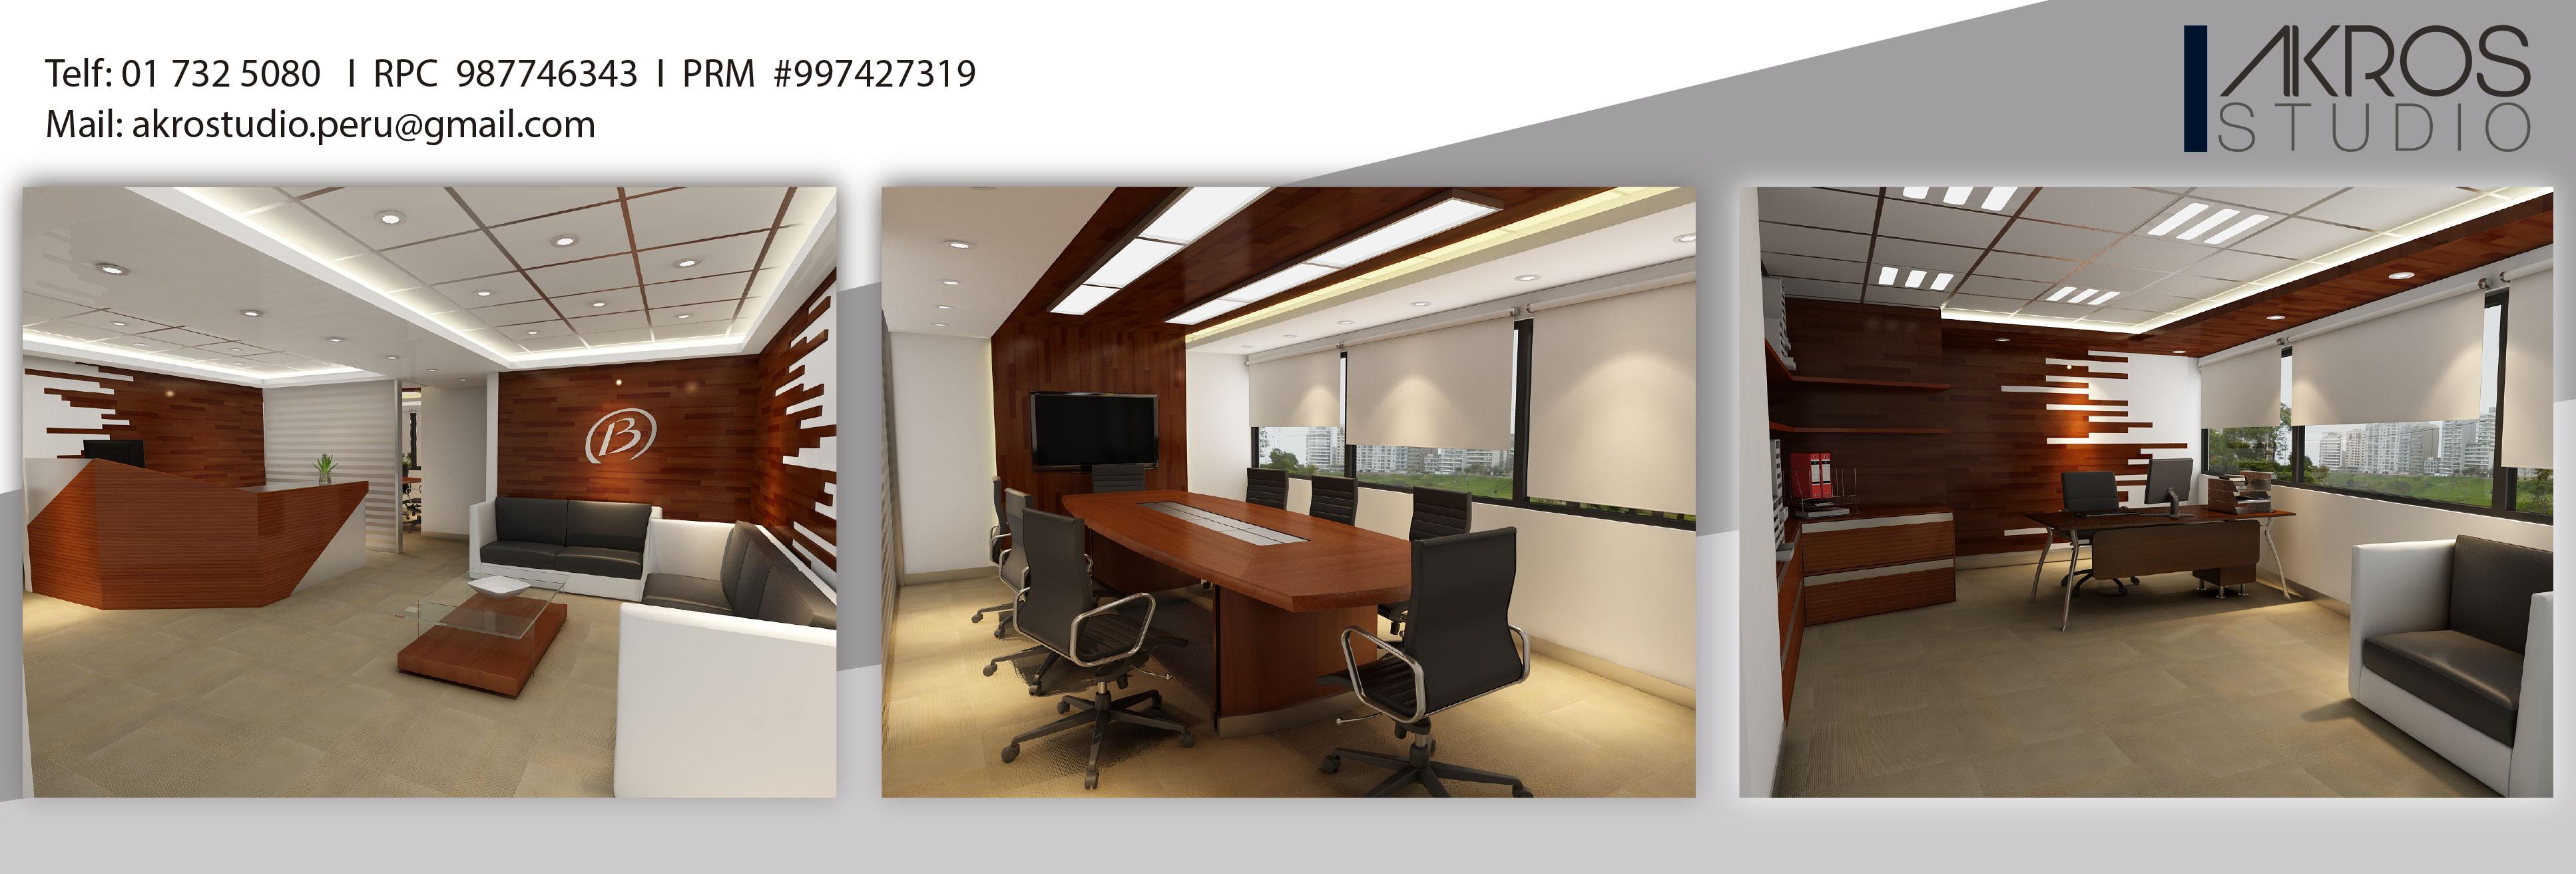 Vistas 3d Recorrido Virtual Interiorismo Animaci N 3d  # Muebles Digitales